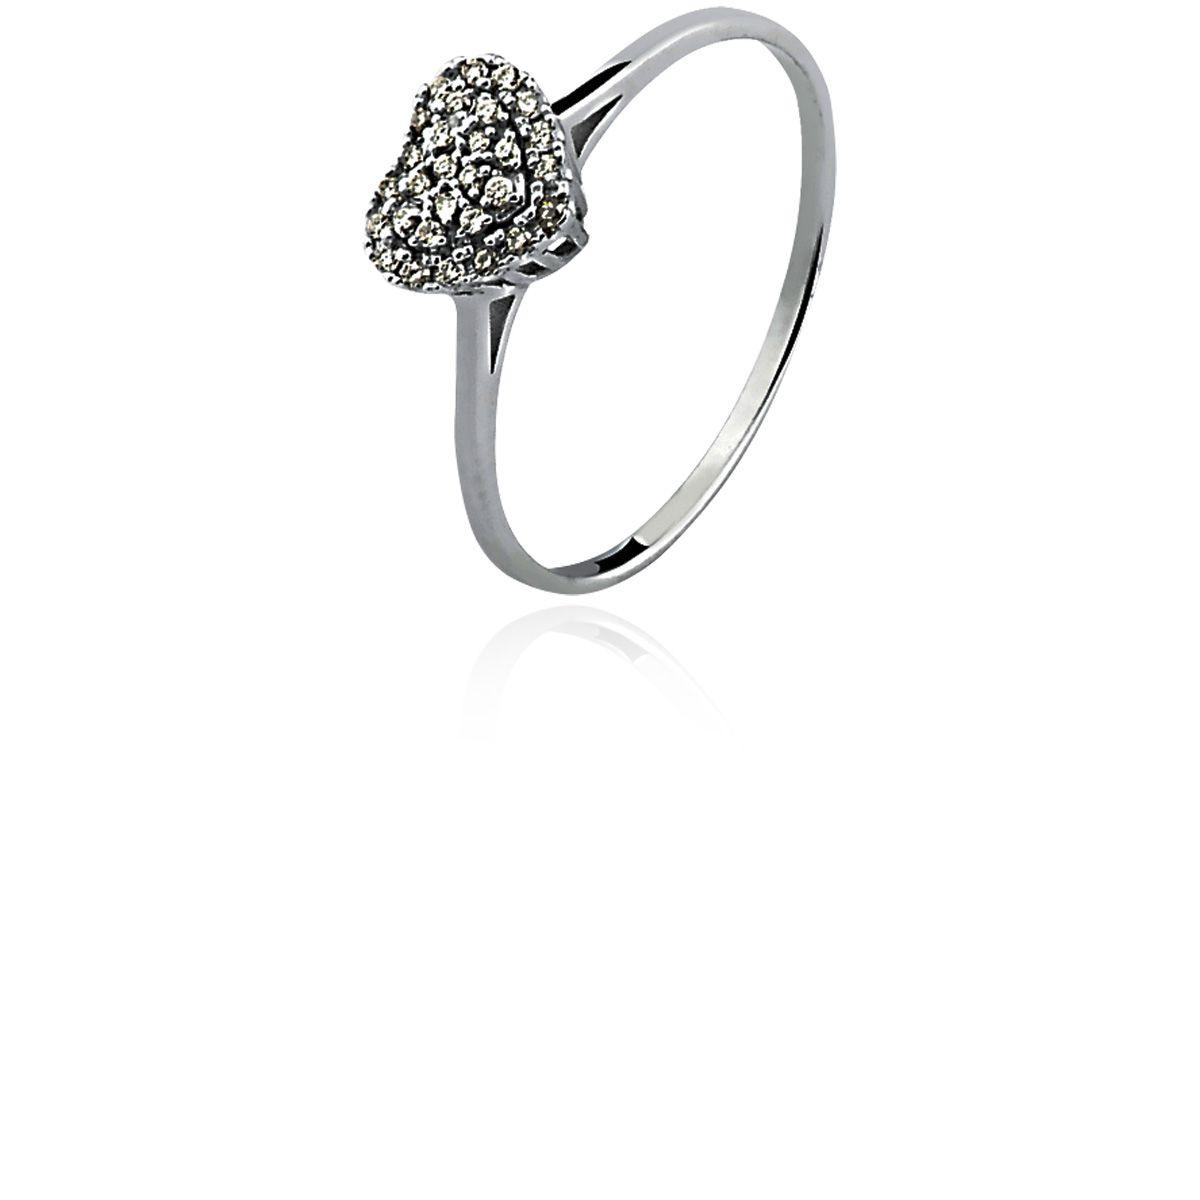 Anel de Ouro 18K Branco Clássico Coração Diamante L 20.5